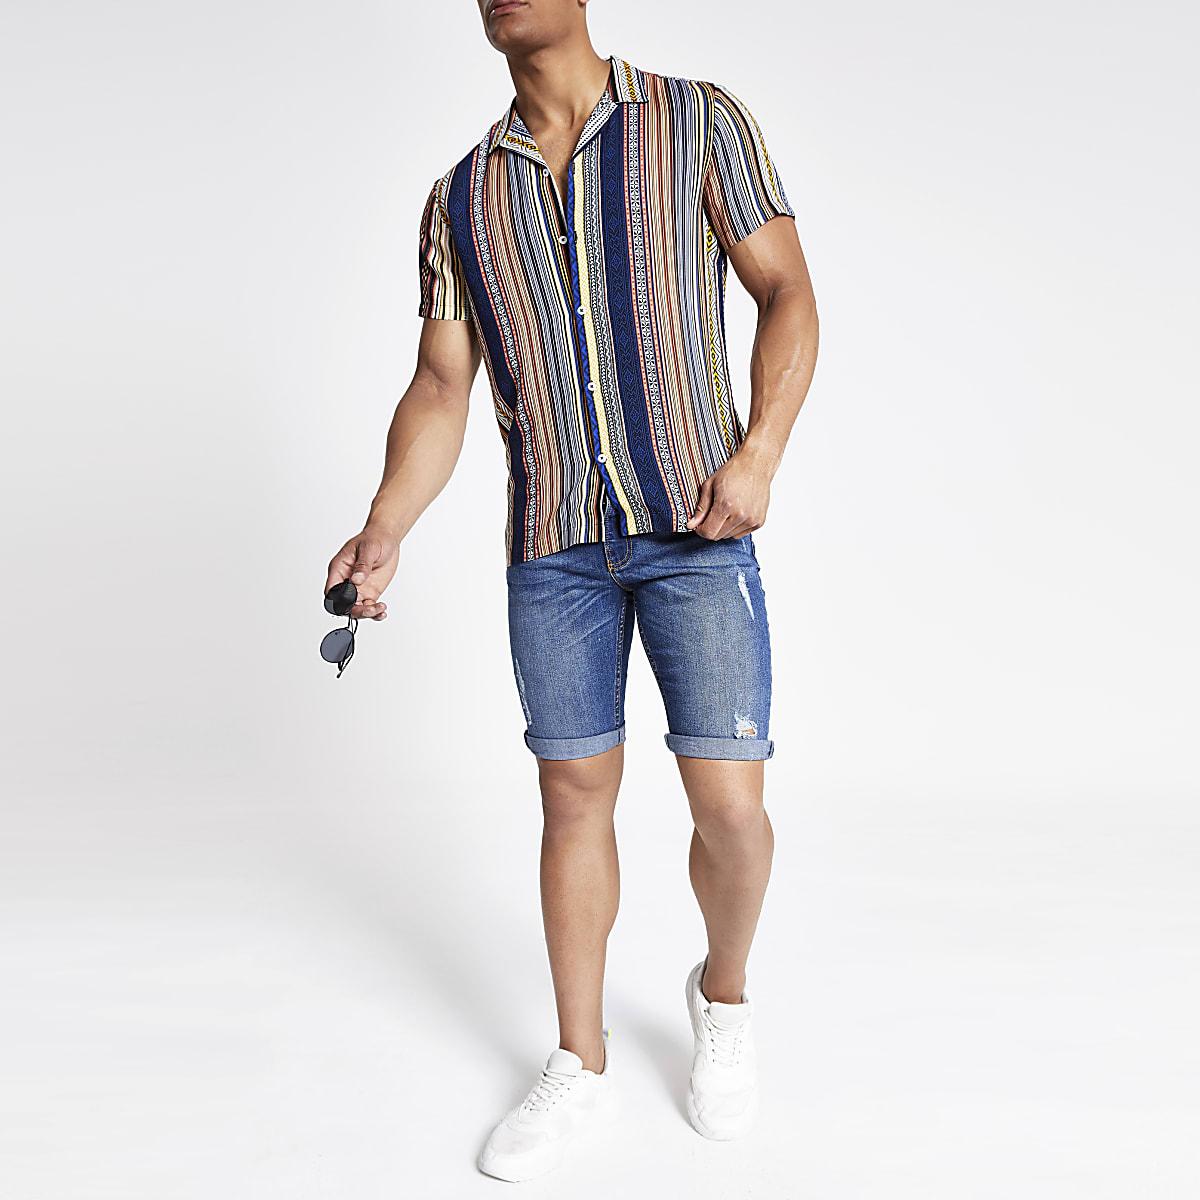 Orange aztec short sleeve shirt